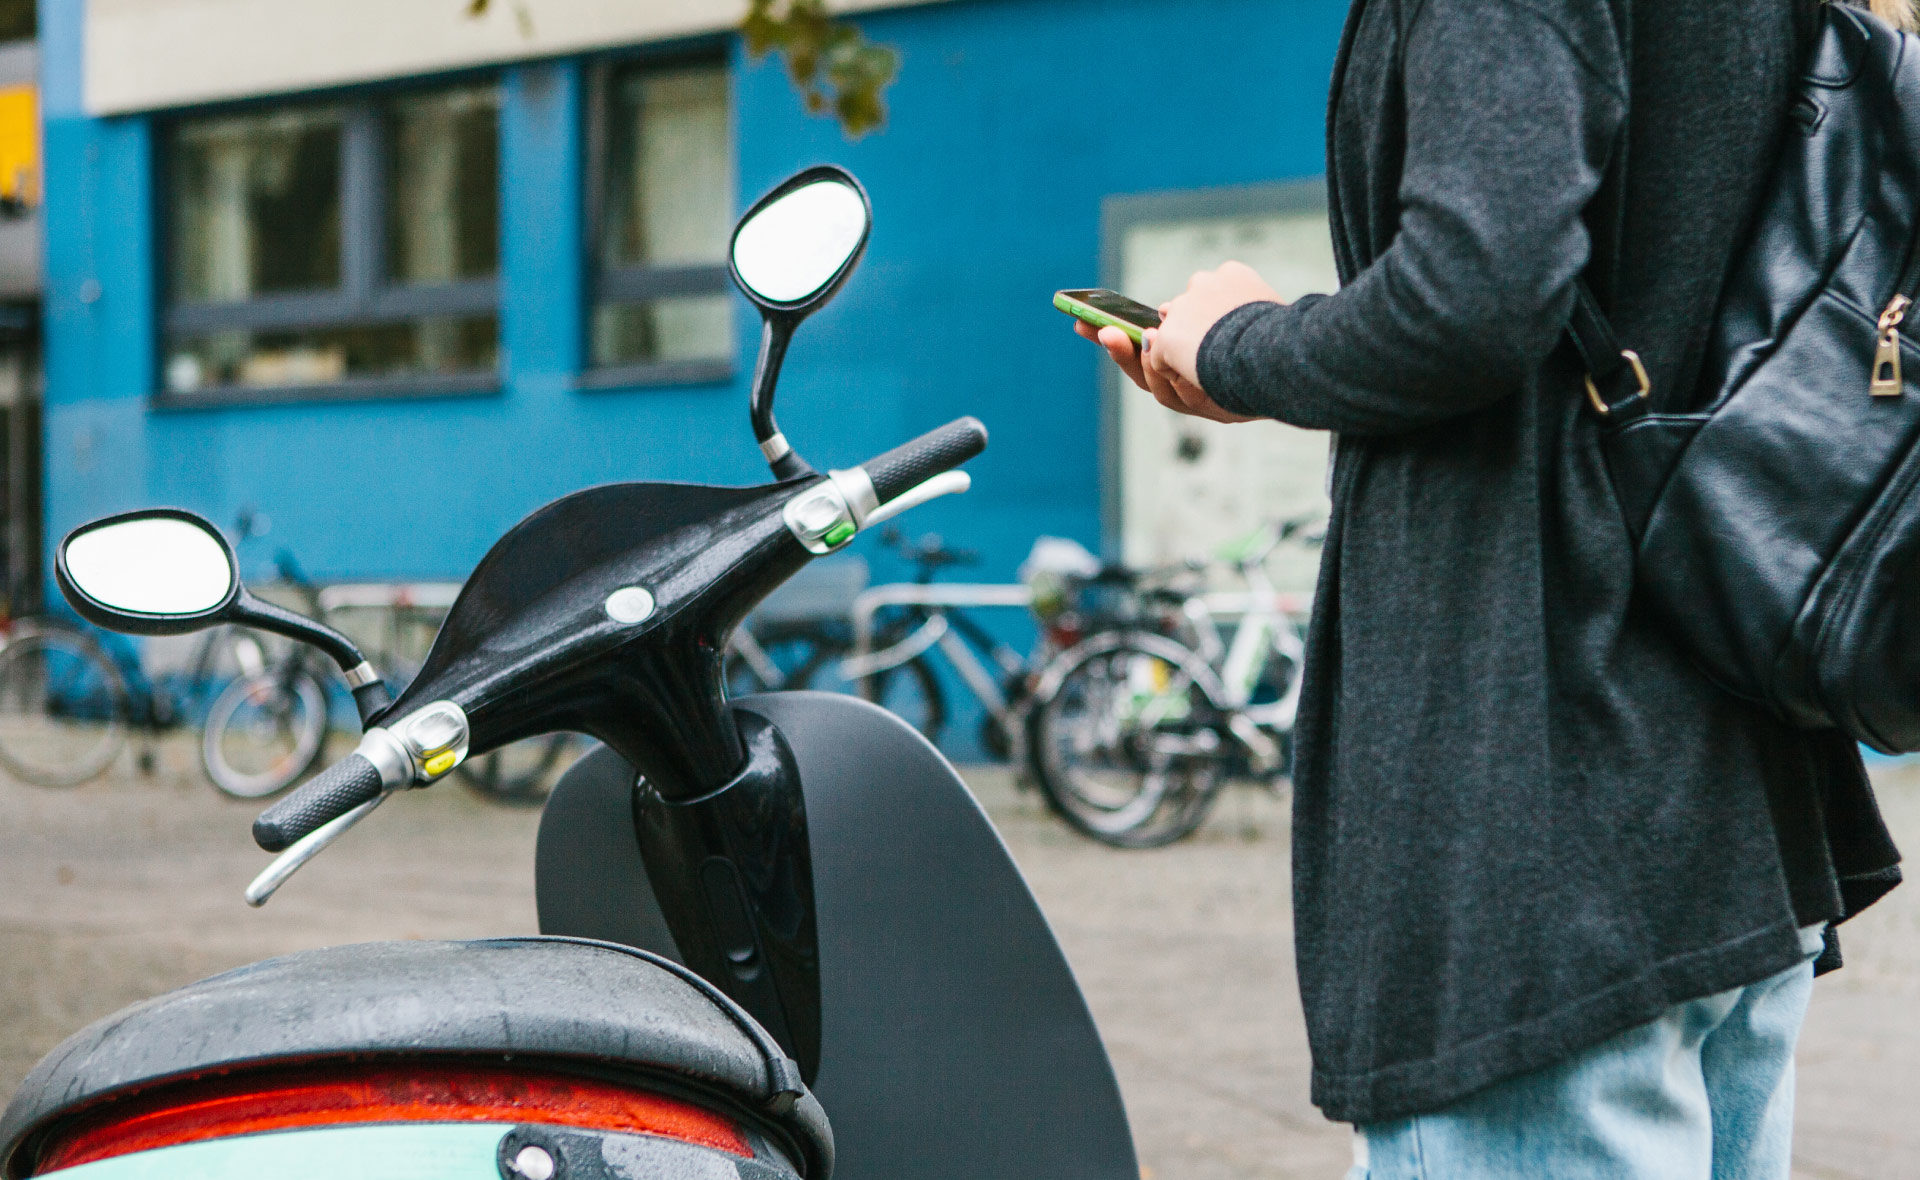 moto_electrica-transporte-sostenibilidad